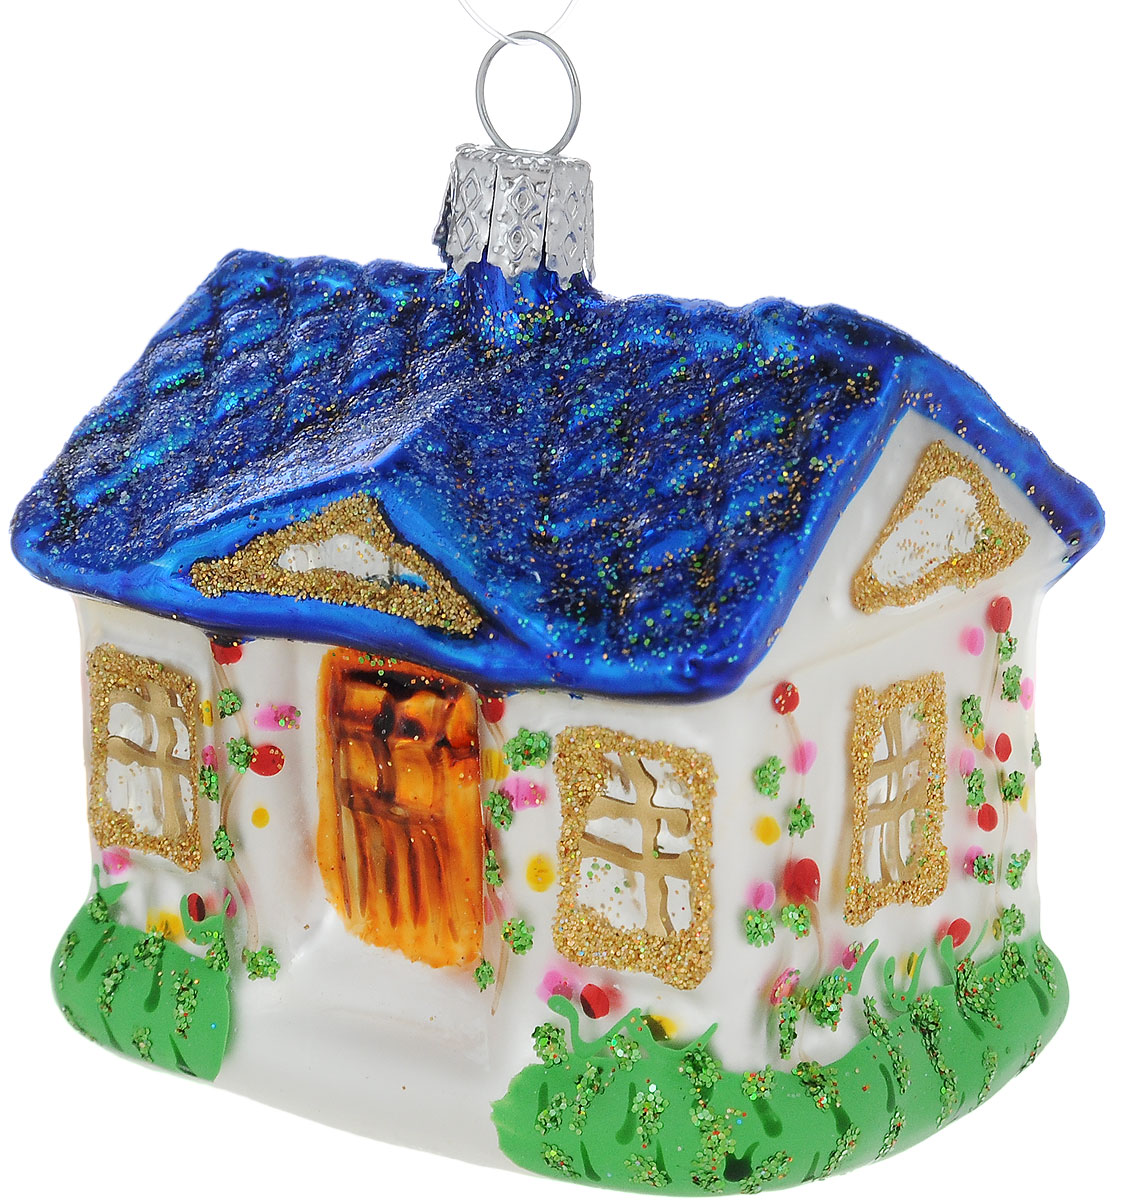 Украшение новогоднее подвесное Winter Wings Дом с синей крышей, высота 7 смN07825Новогоднее подвесное украшение Winter Wings Дом с синей крышей выполнено из стекла с декоративными элементами. С помощью специальной петельки украшение можно повесить в любом понравившемся вам месте. Но, конечно, удачнее всего оно будет смотреться на праздничной елке.Елочная игрушка - символ Нового года. Она несет в себе волшебство и красоту праздника. Создайте в своем доме атмосферу веселья и радости, украшая новогоднюю елку нарядными игрушками, которые будут из года в год накапливать теплоту воспоминаний.Размер: 5,5 х 4,5 х 7 см.